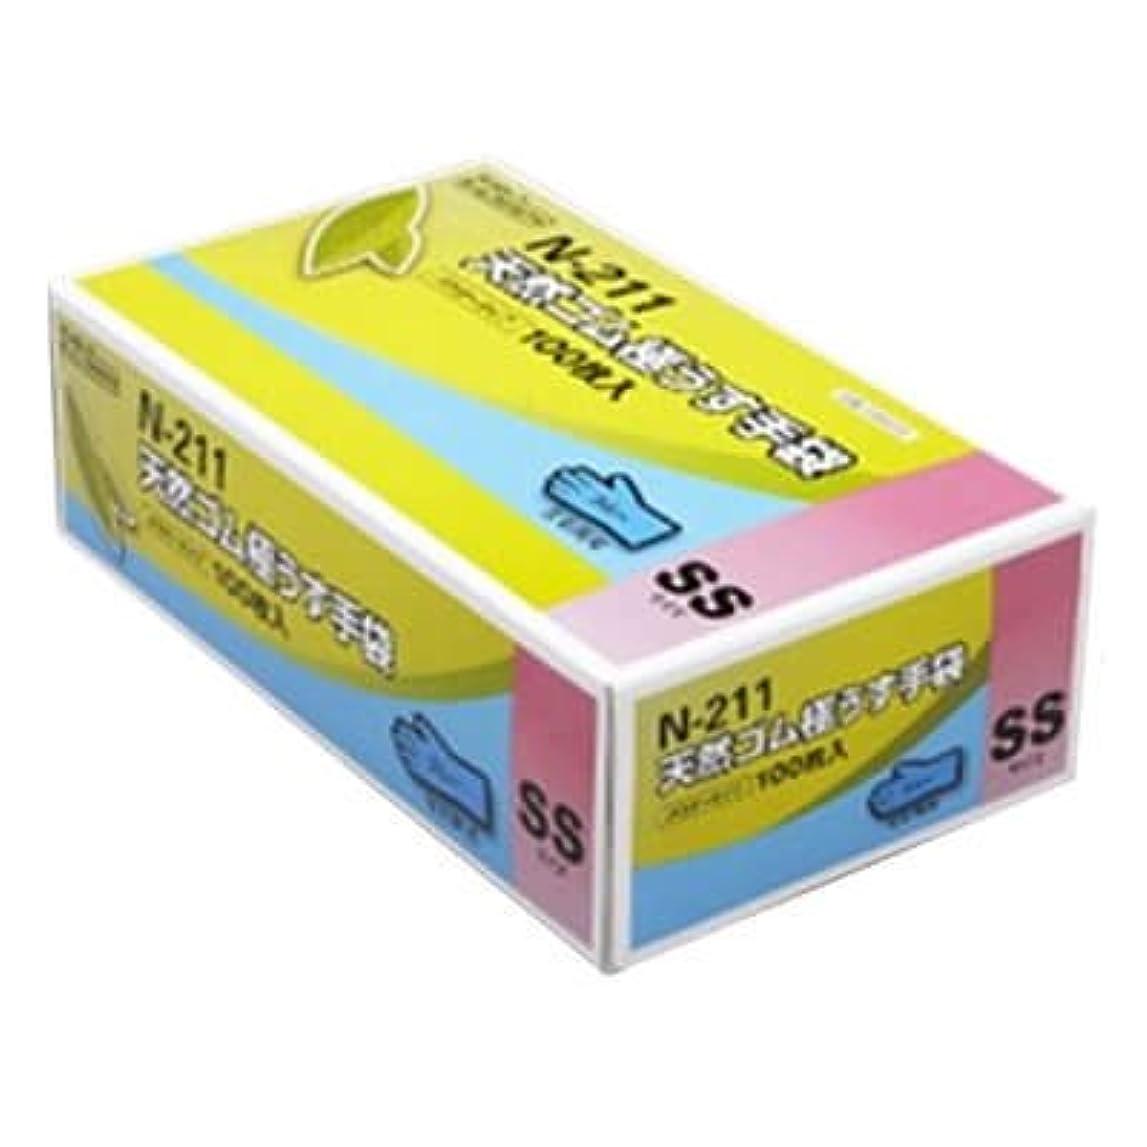 増幅器魚フェード【ケース販売】 ダンロップ 天然ゴム極うす手袋 N-211 SS ブルー (100枚入×20箱)